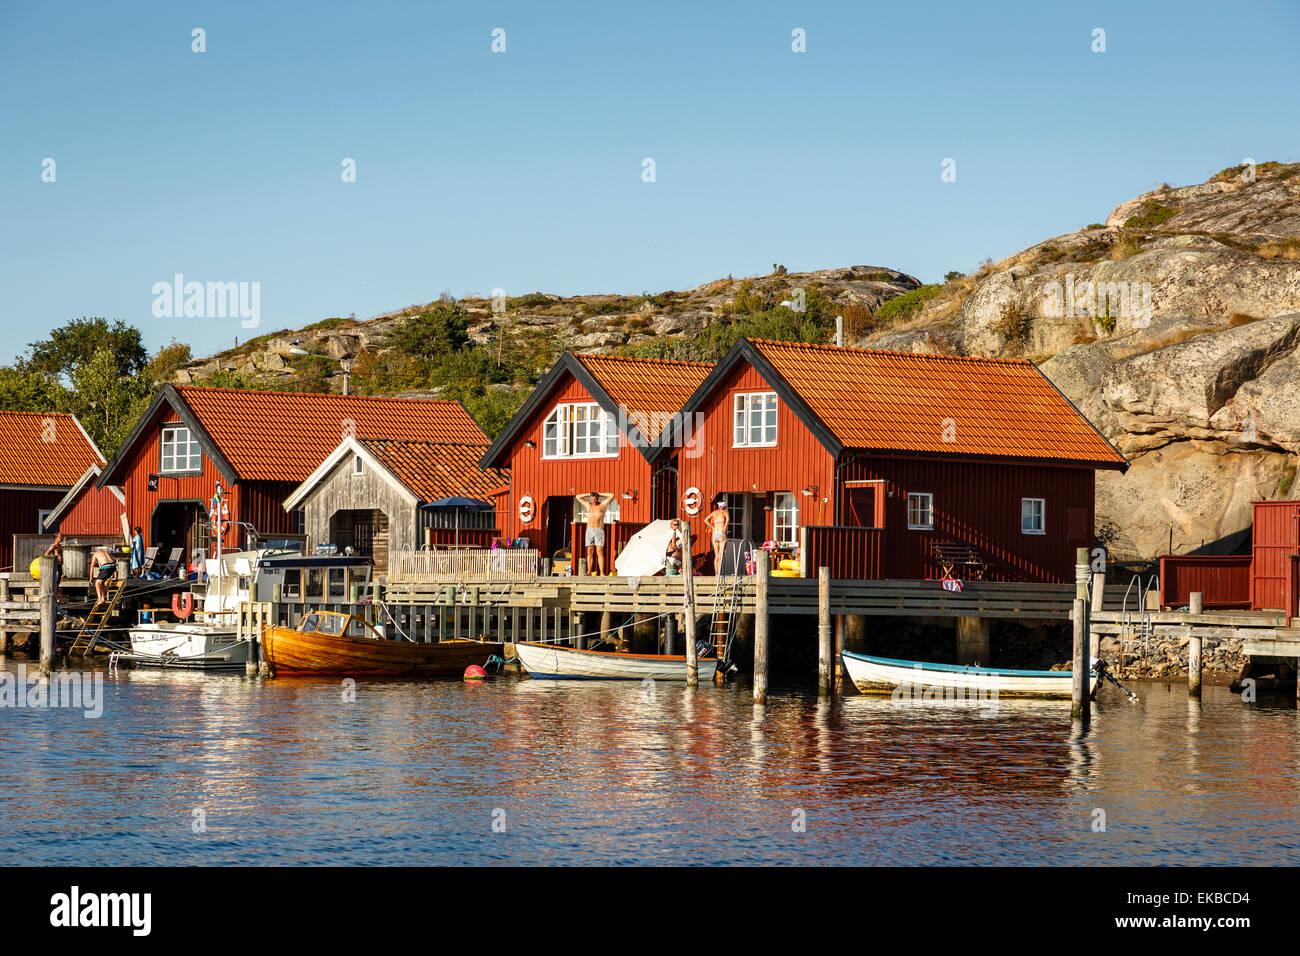 Maisons bois, Grebbestad, Bohuslan, région de la côte ouest, la Suède, Scandinavie, Europe Photo Stock